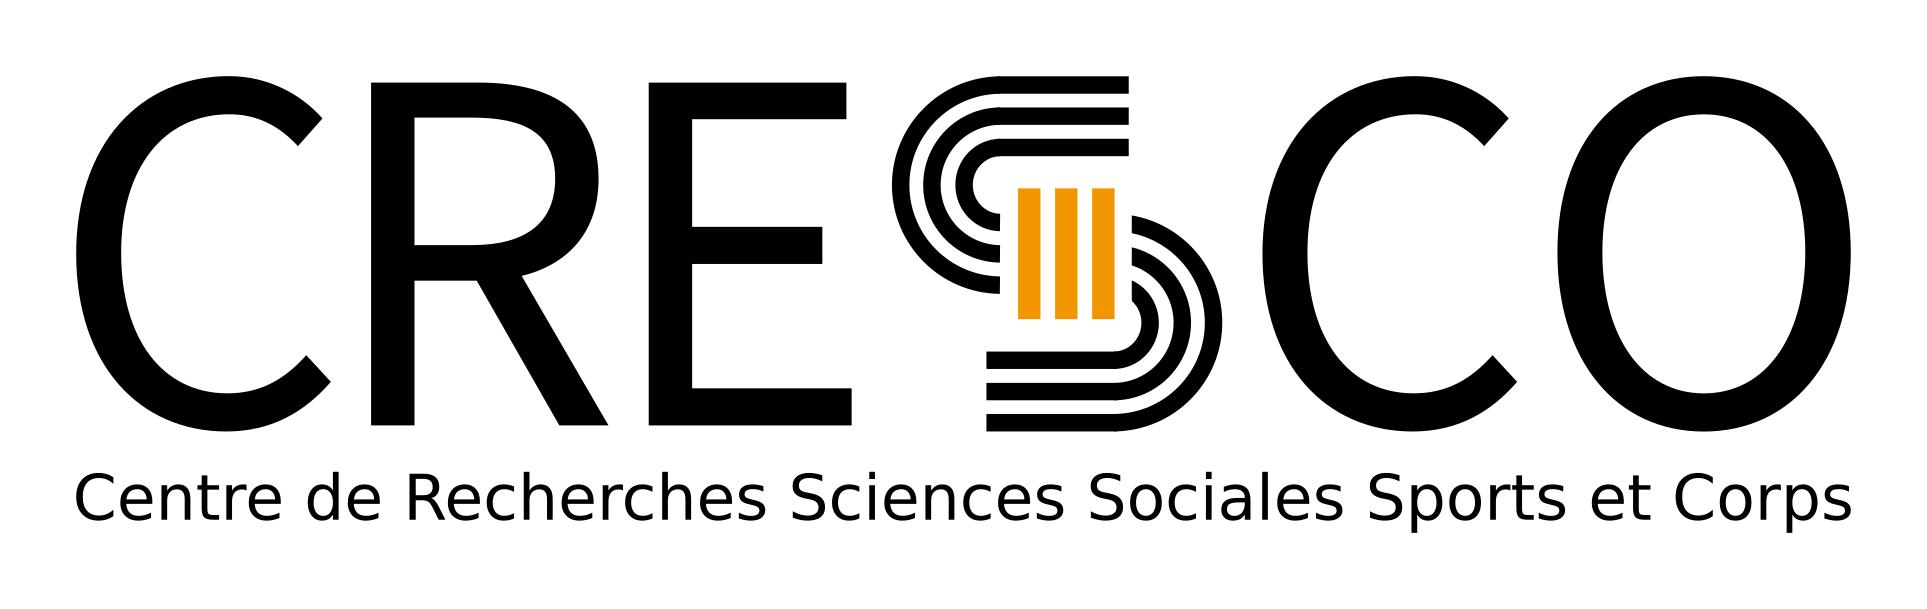 logo_Cresco